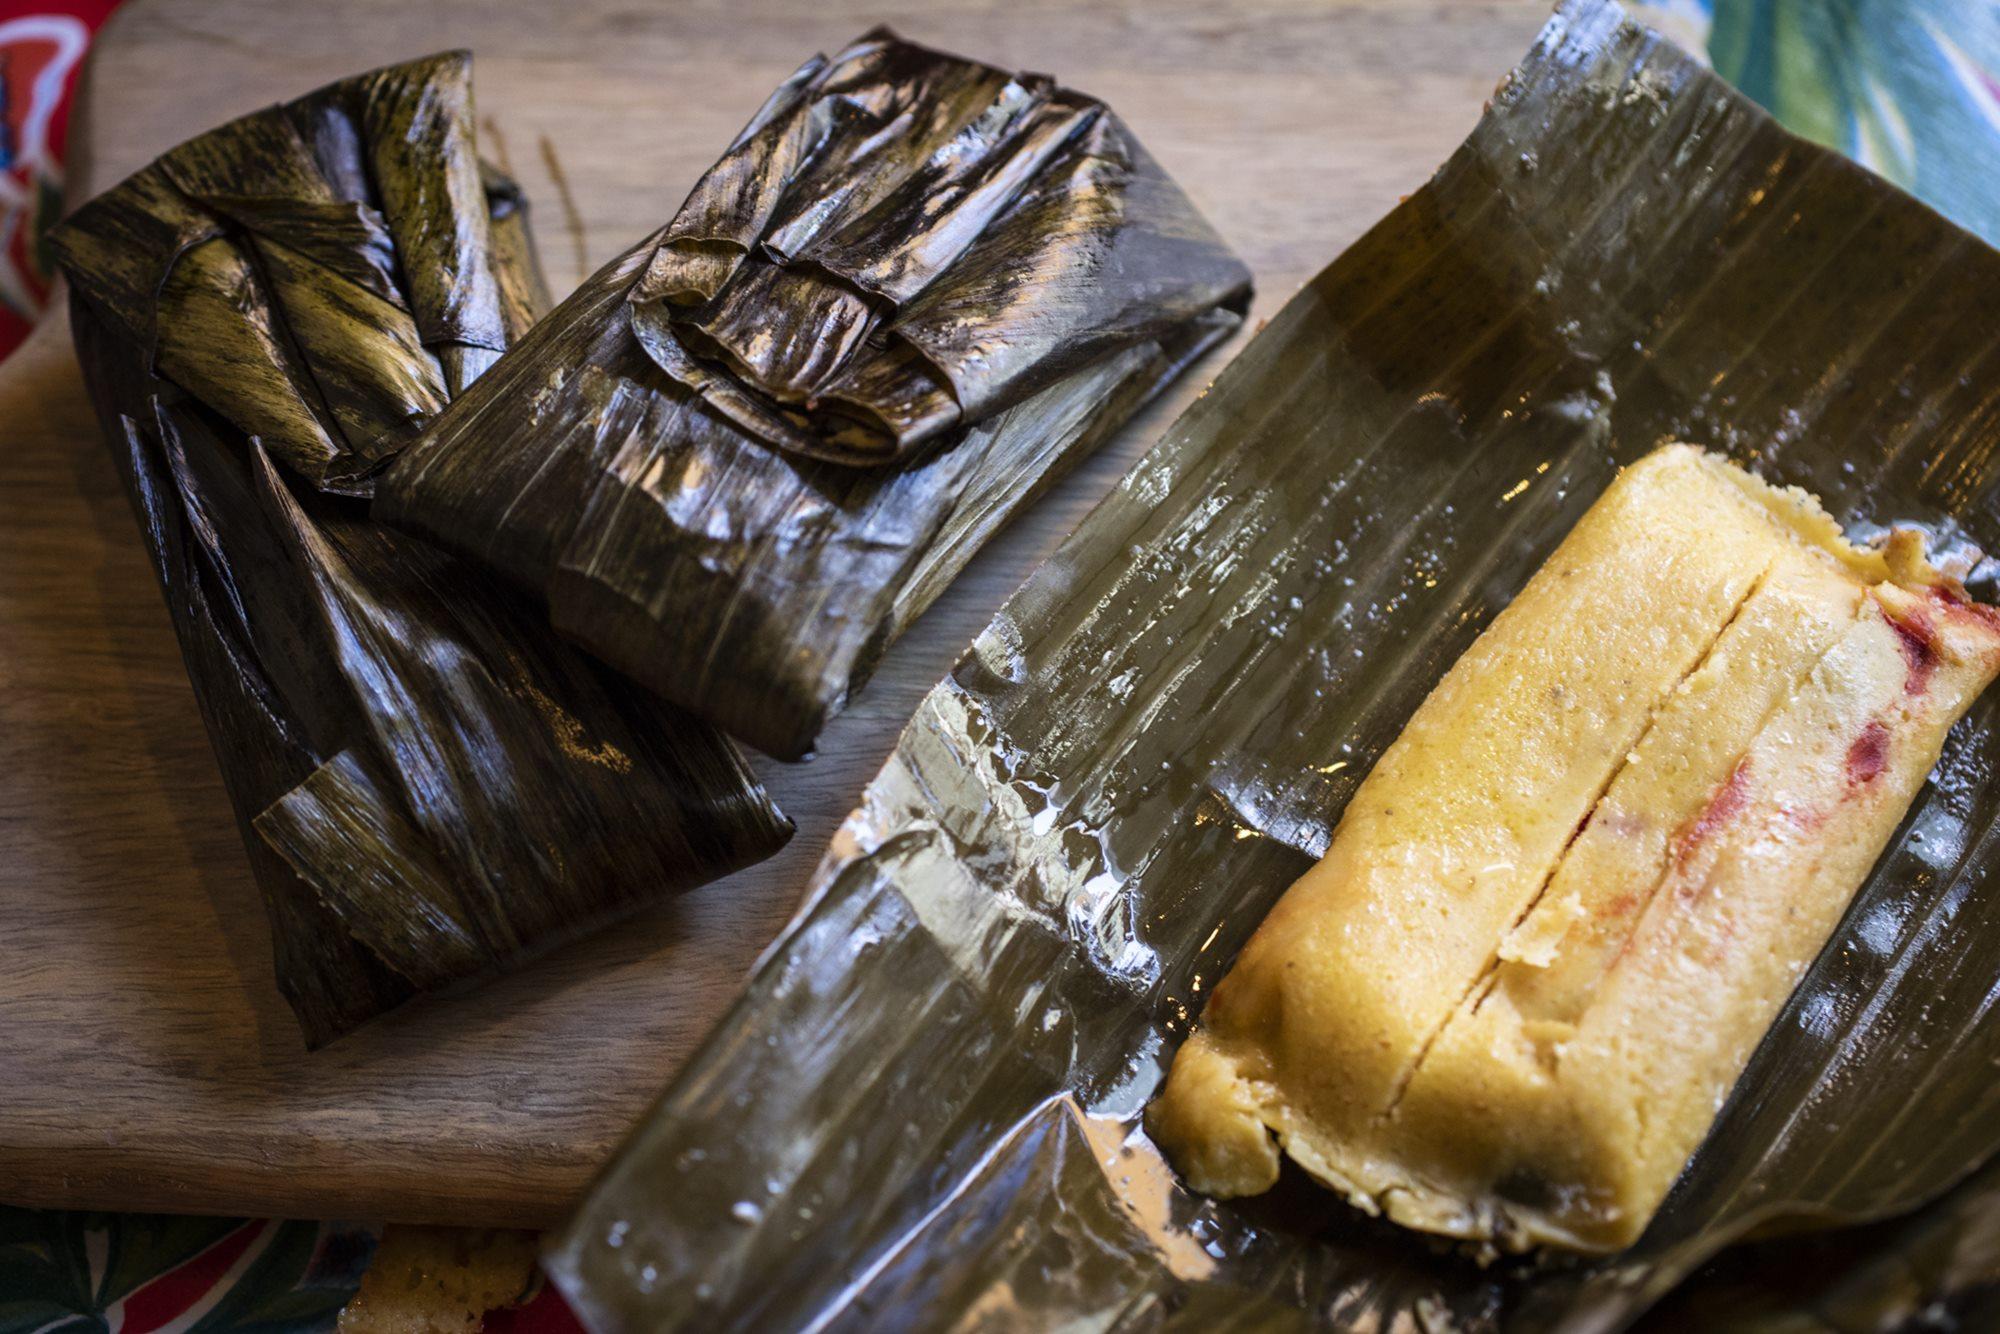 Tamales de rajas de maíz con queso, con la colaboración de Michelle, de 'La Despensa de Frida'.